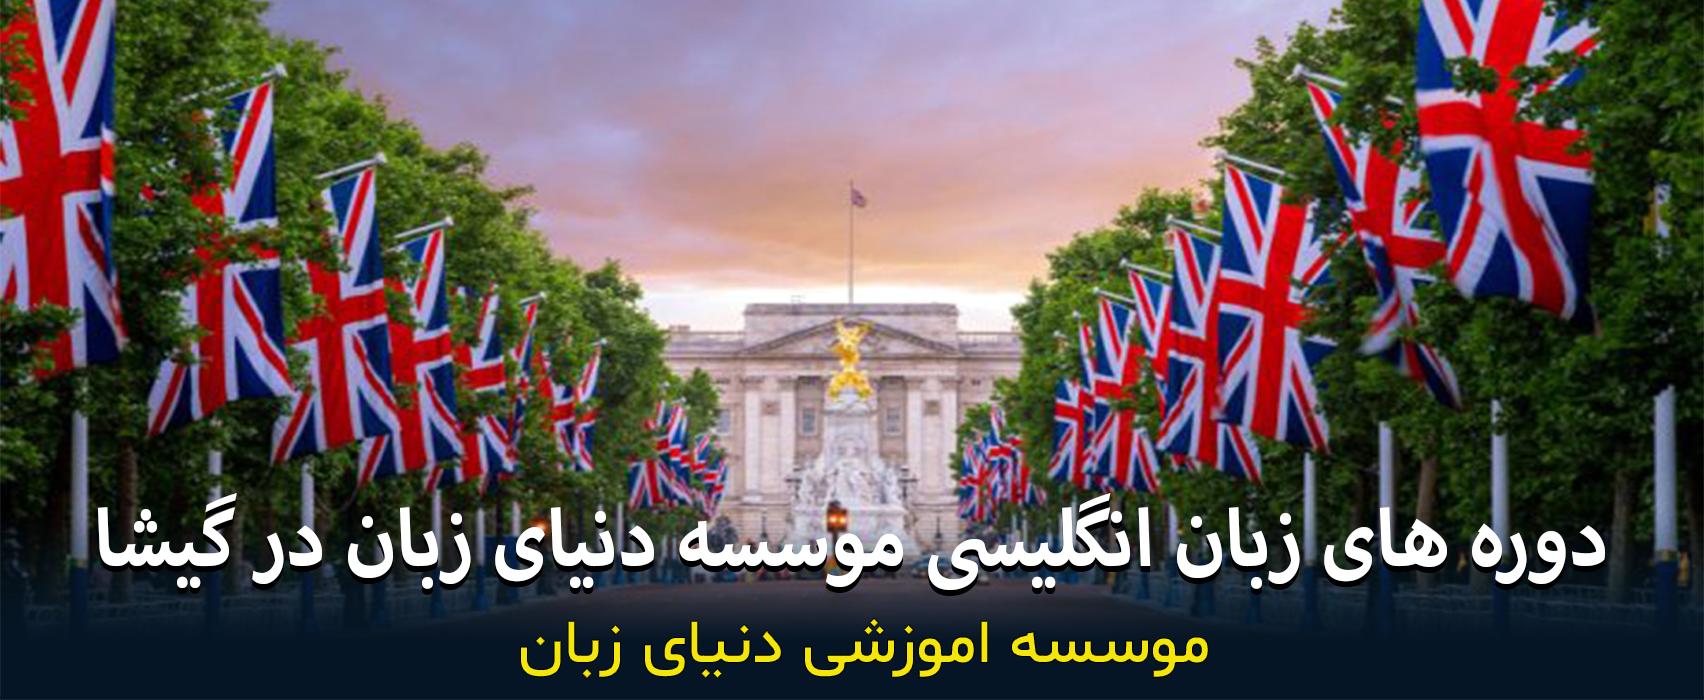 آموزش خصوصی انگلیسی مرزداران و گیشا